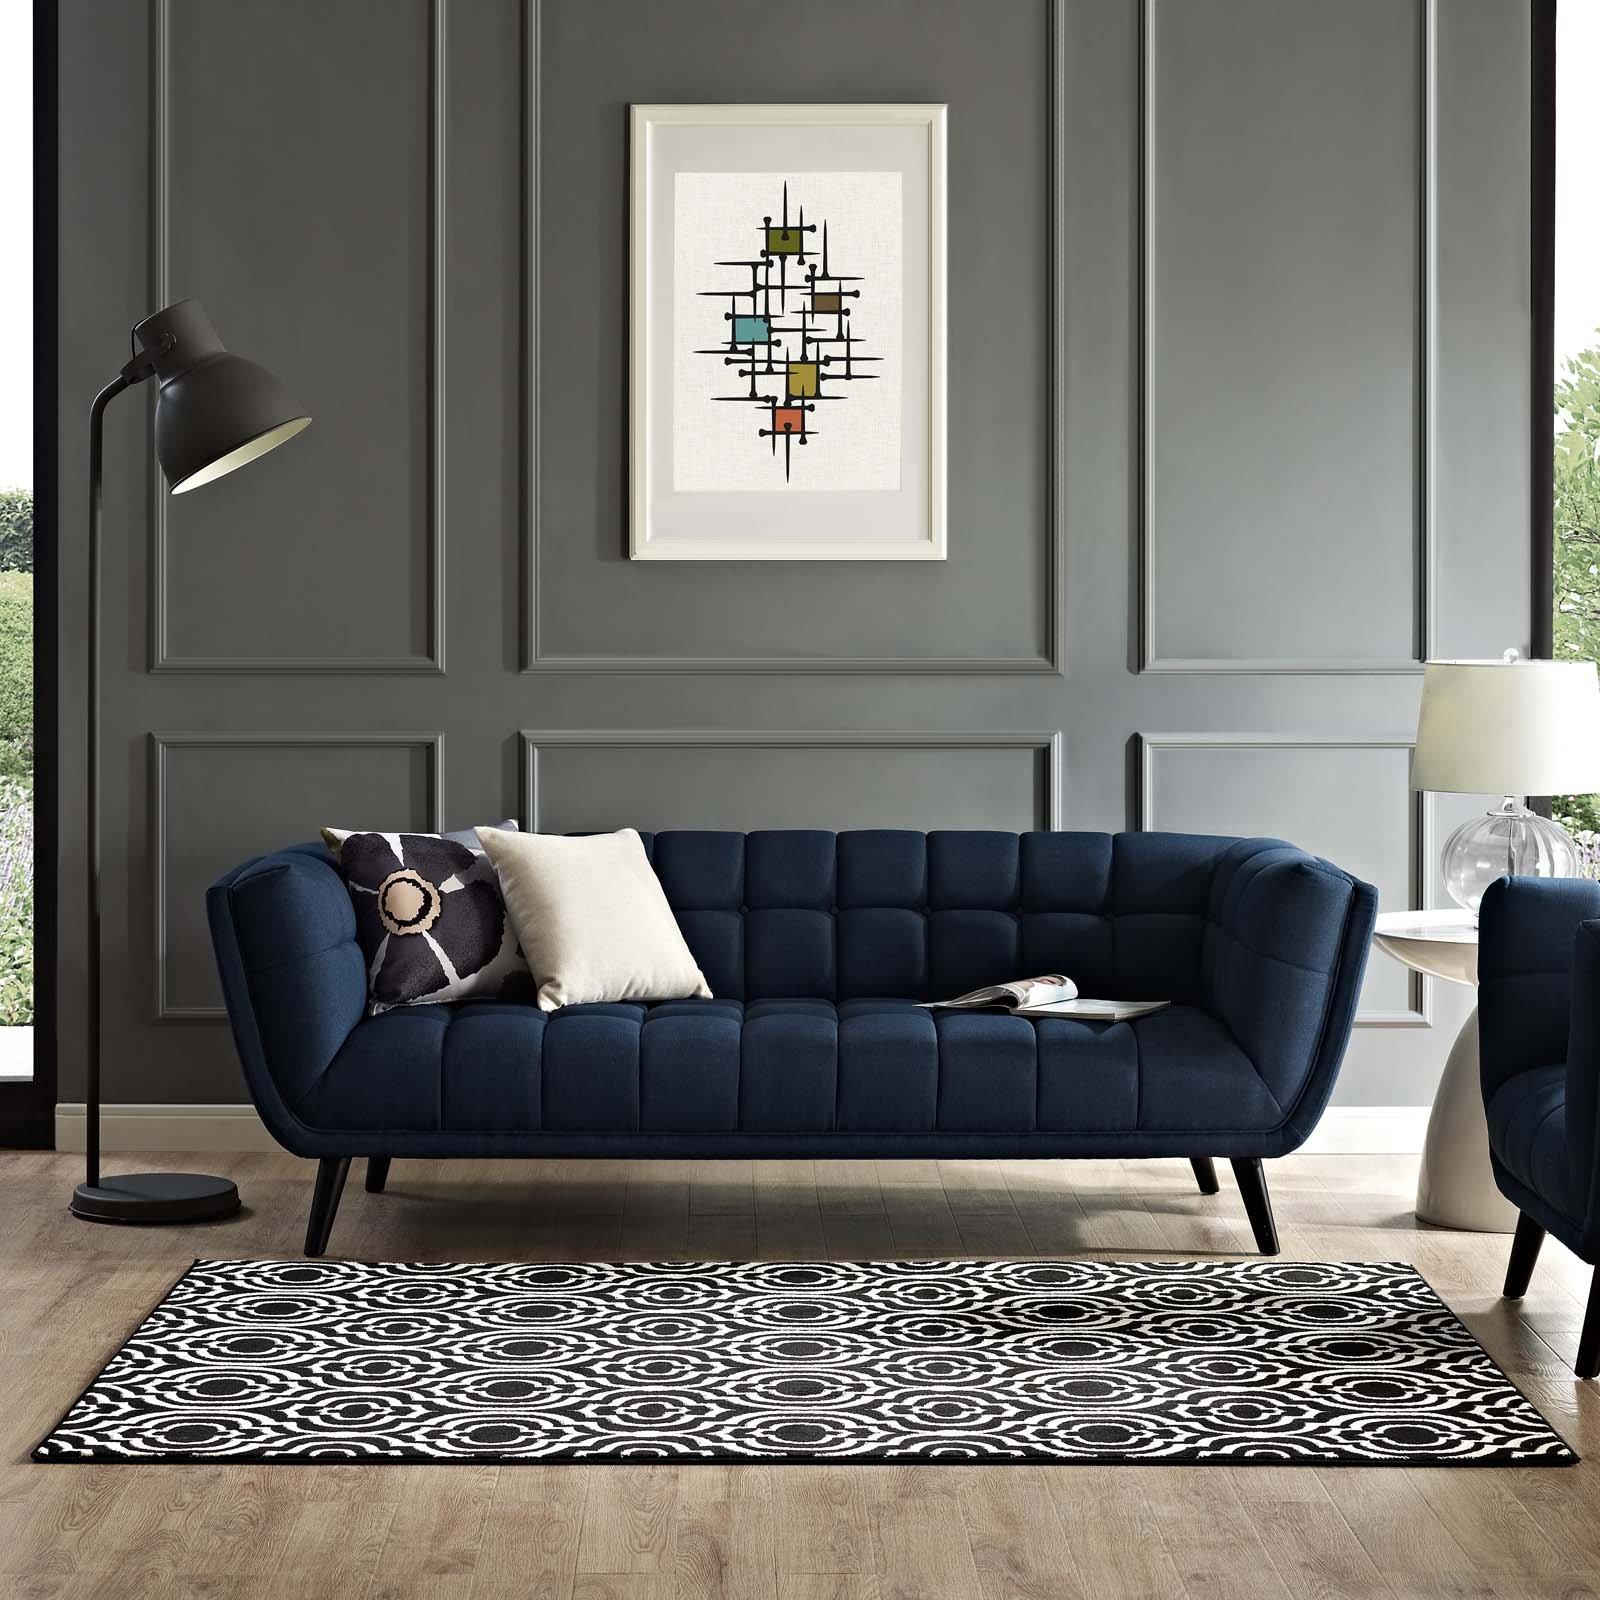 Living Room Interior Design Idea Interior Design Minimalist Free